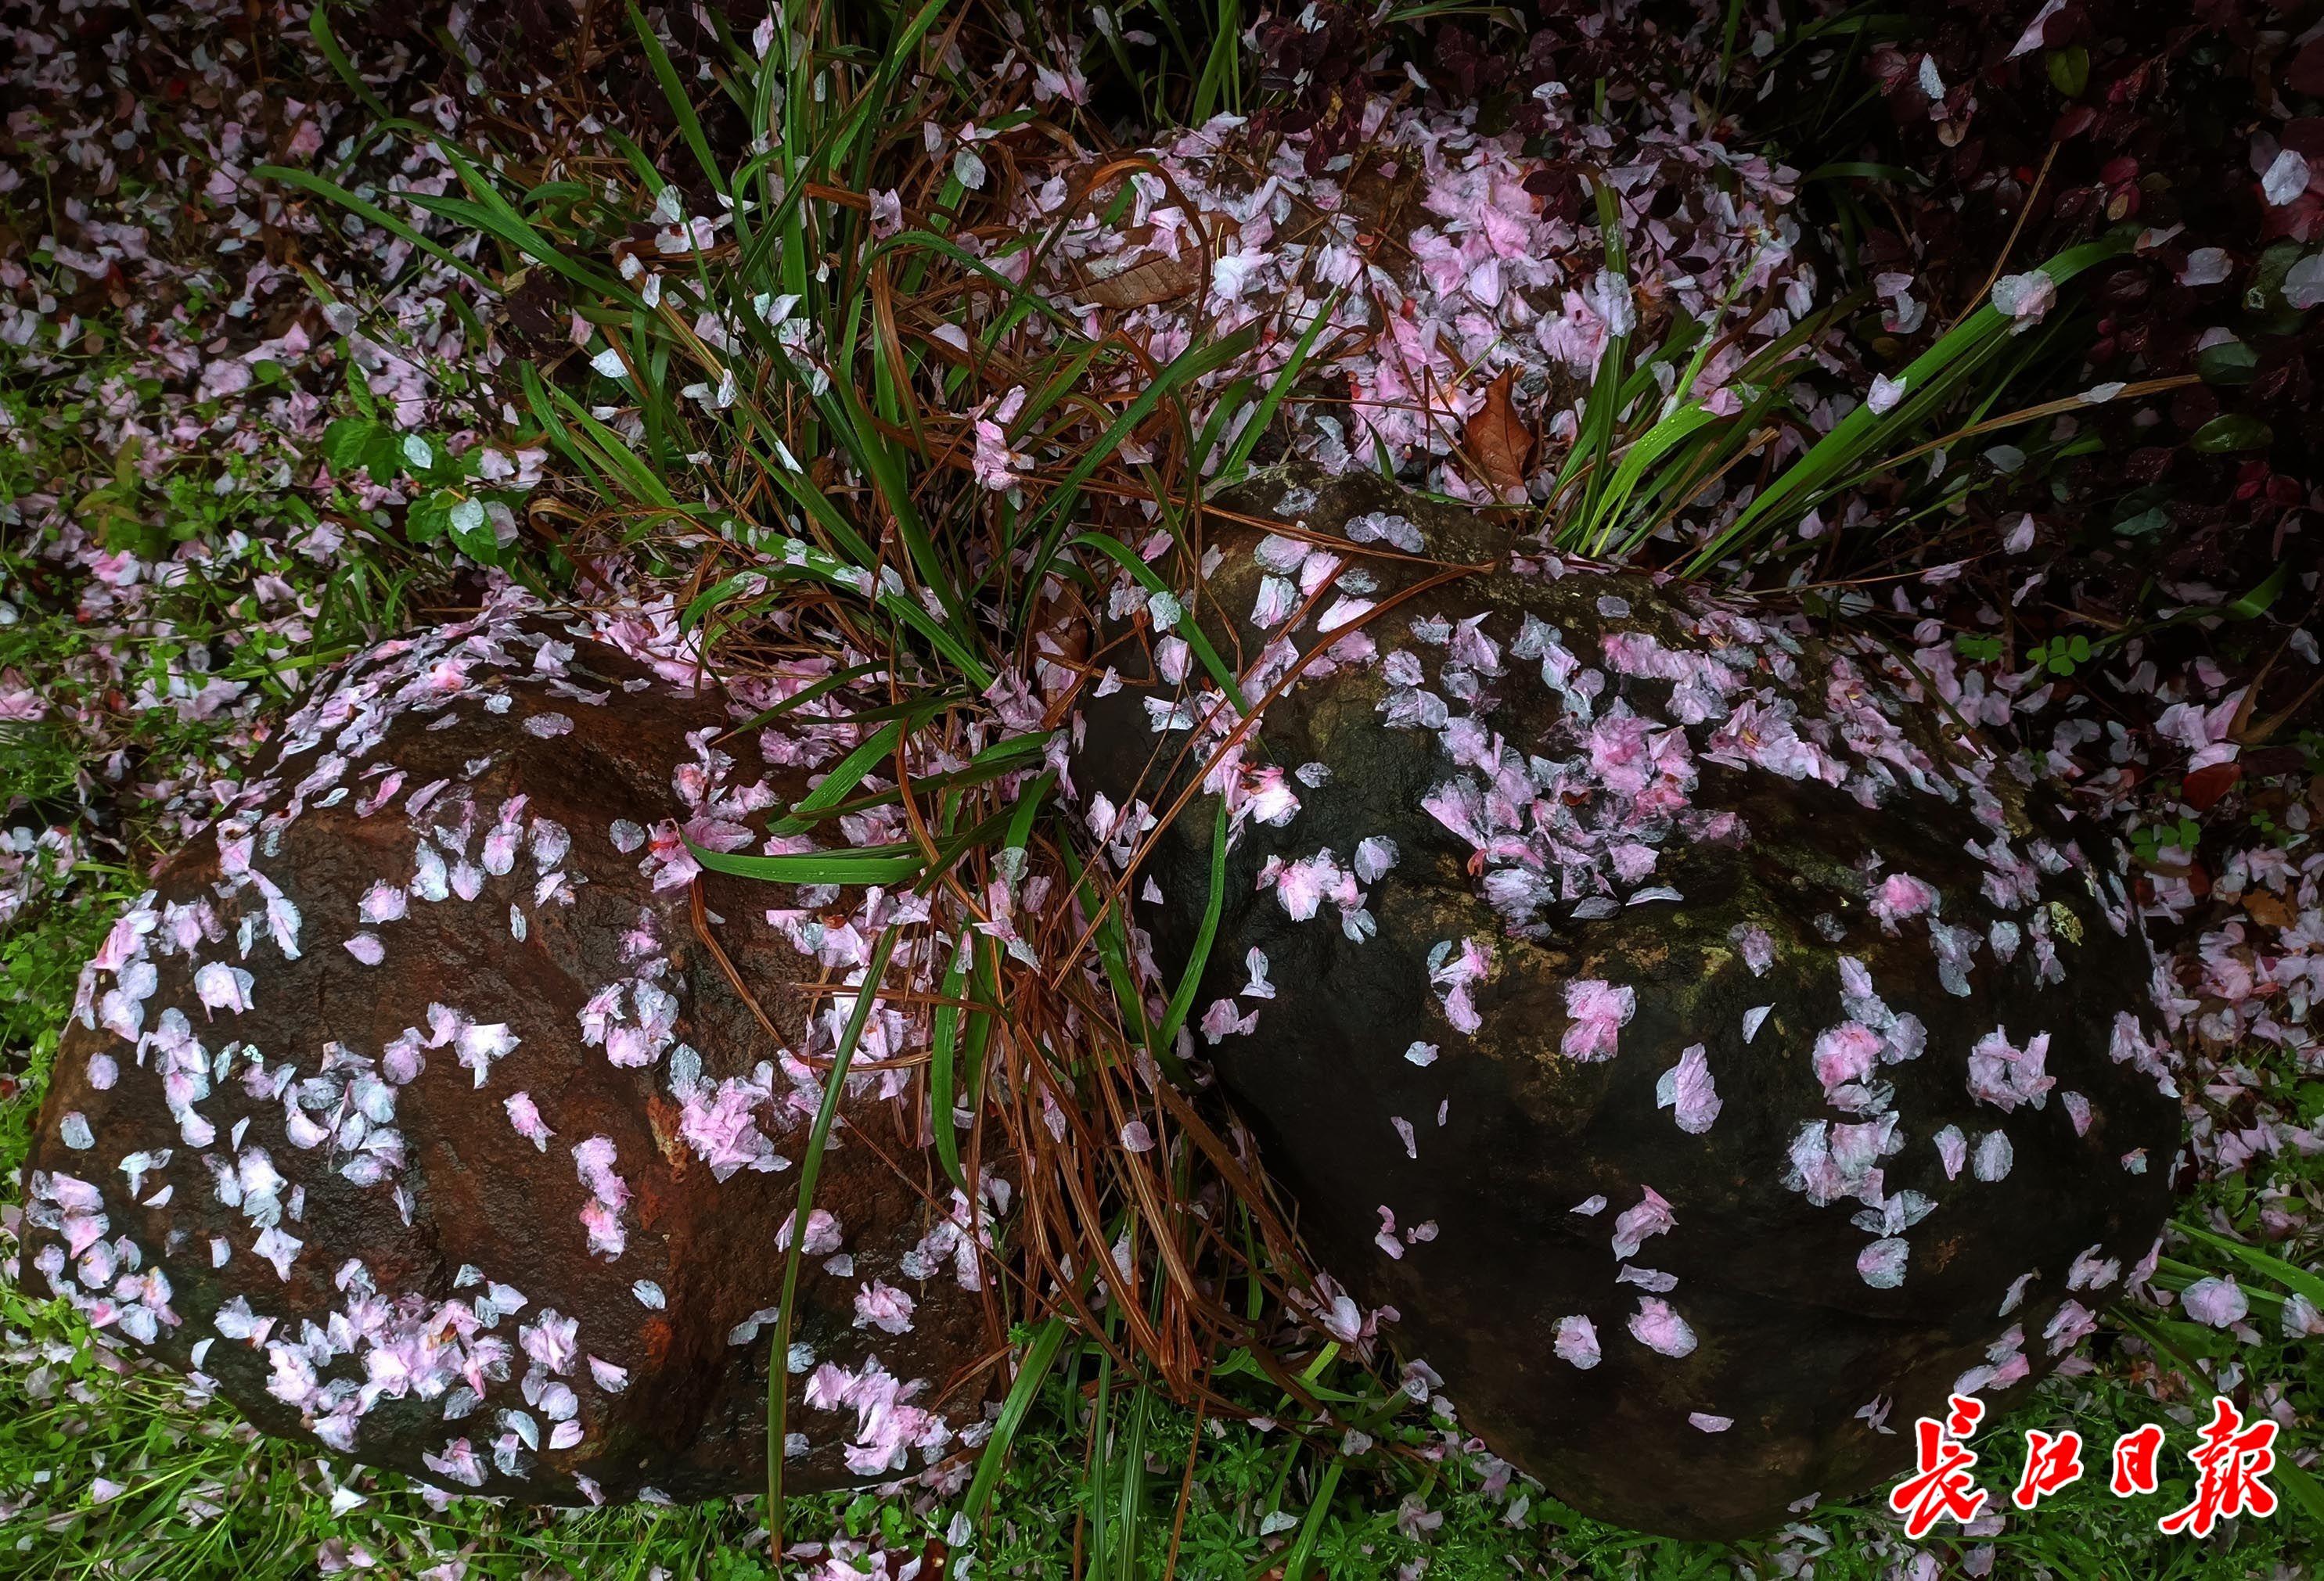 落樱辞树随雨流